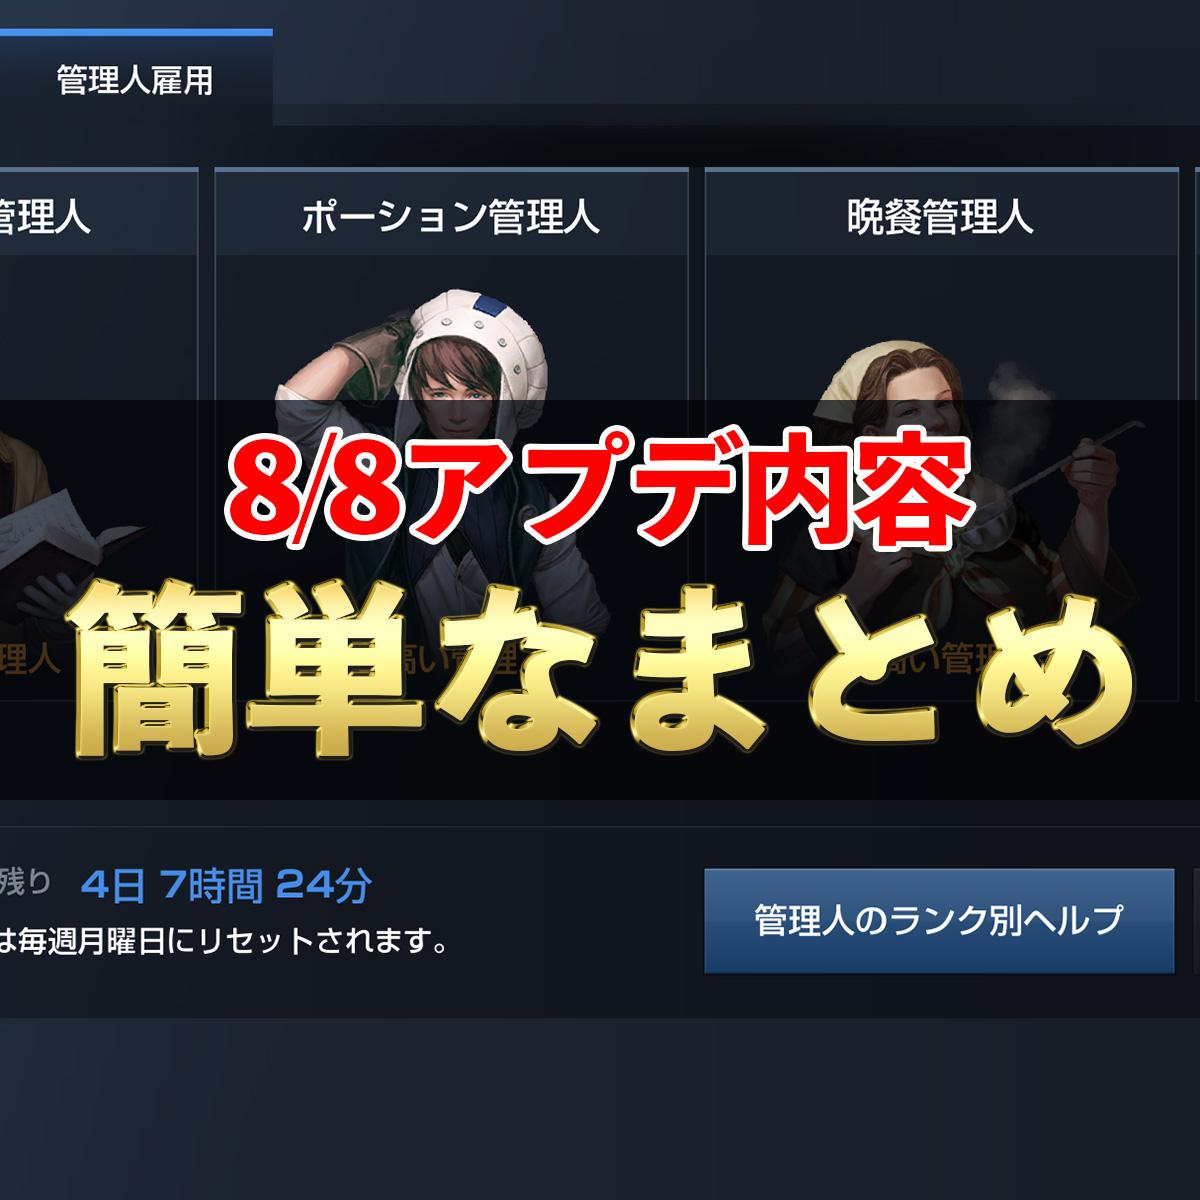 8/8アップデート内容 簡単なまとめ